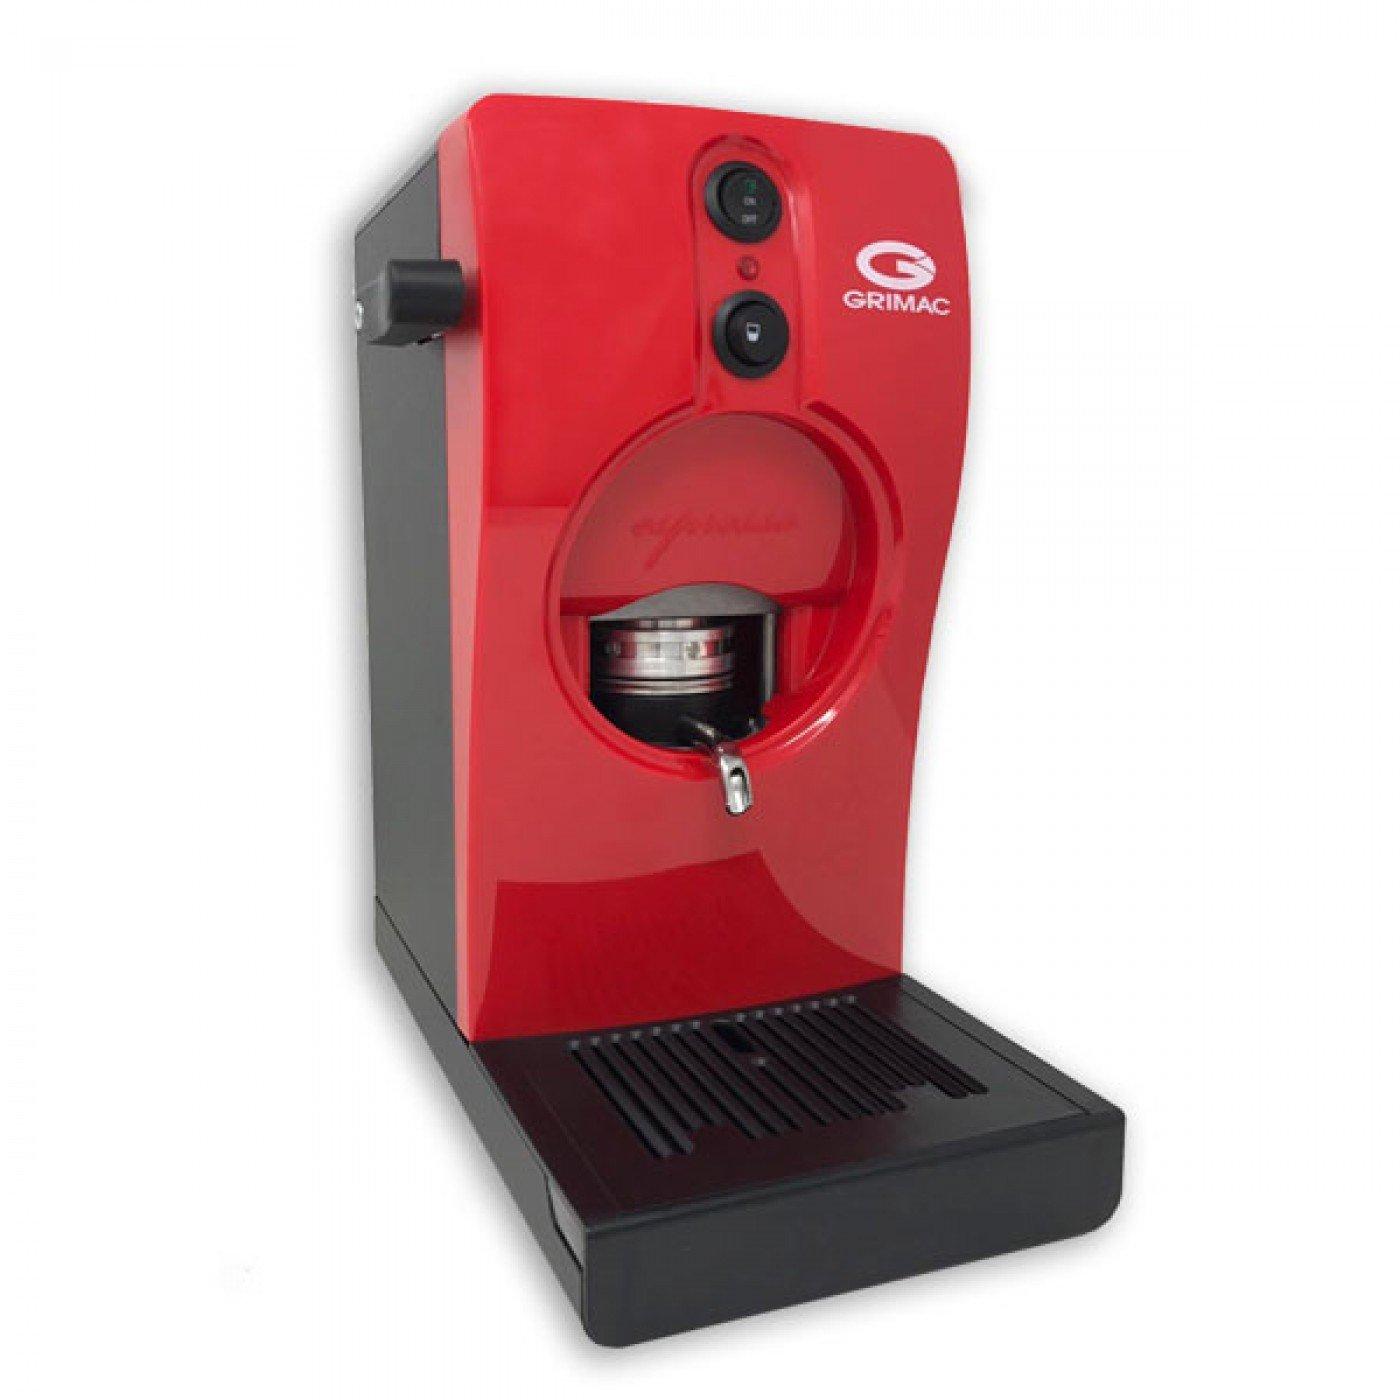 Grimac Macchina Caffè a Cialde Colore Rossa